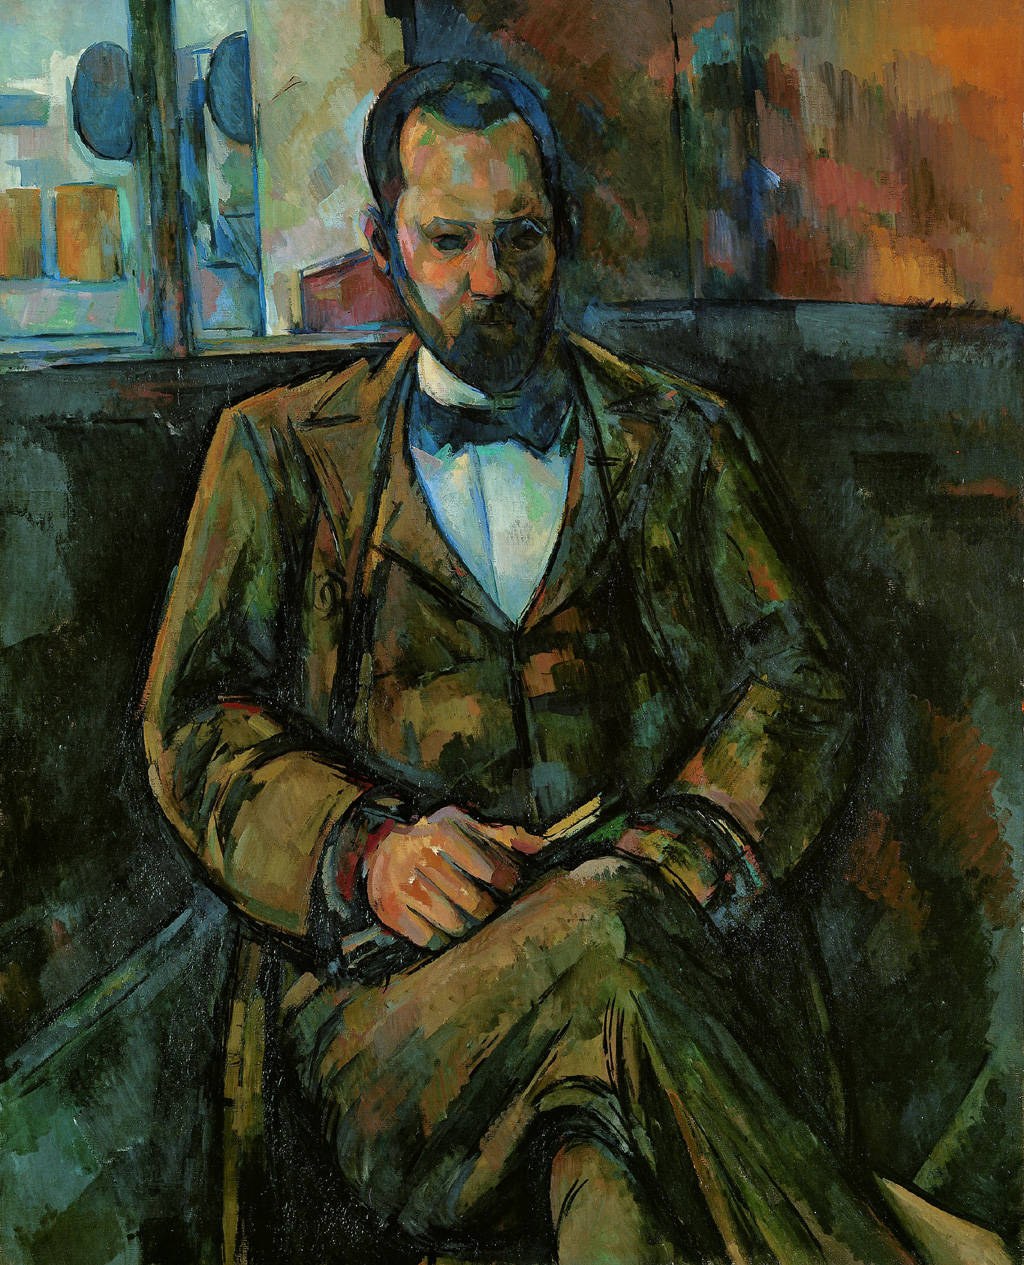 O marchand de Cézanne, Ambroise Vollard, pintado em 1899, na exposição Cézanne Portraits, em Londres